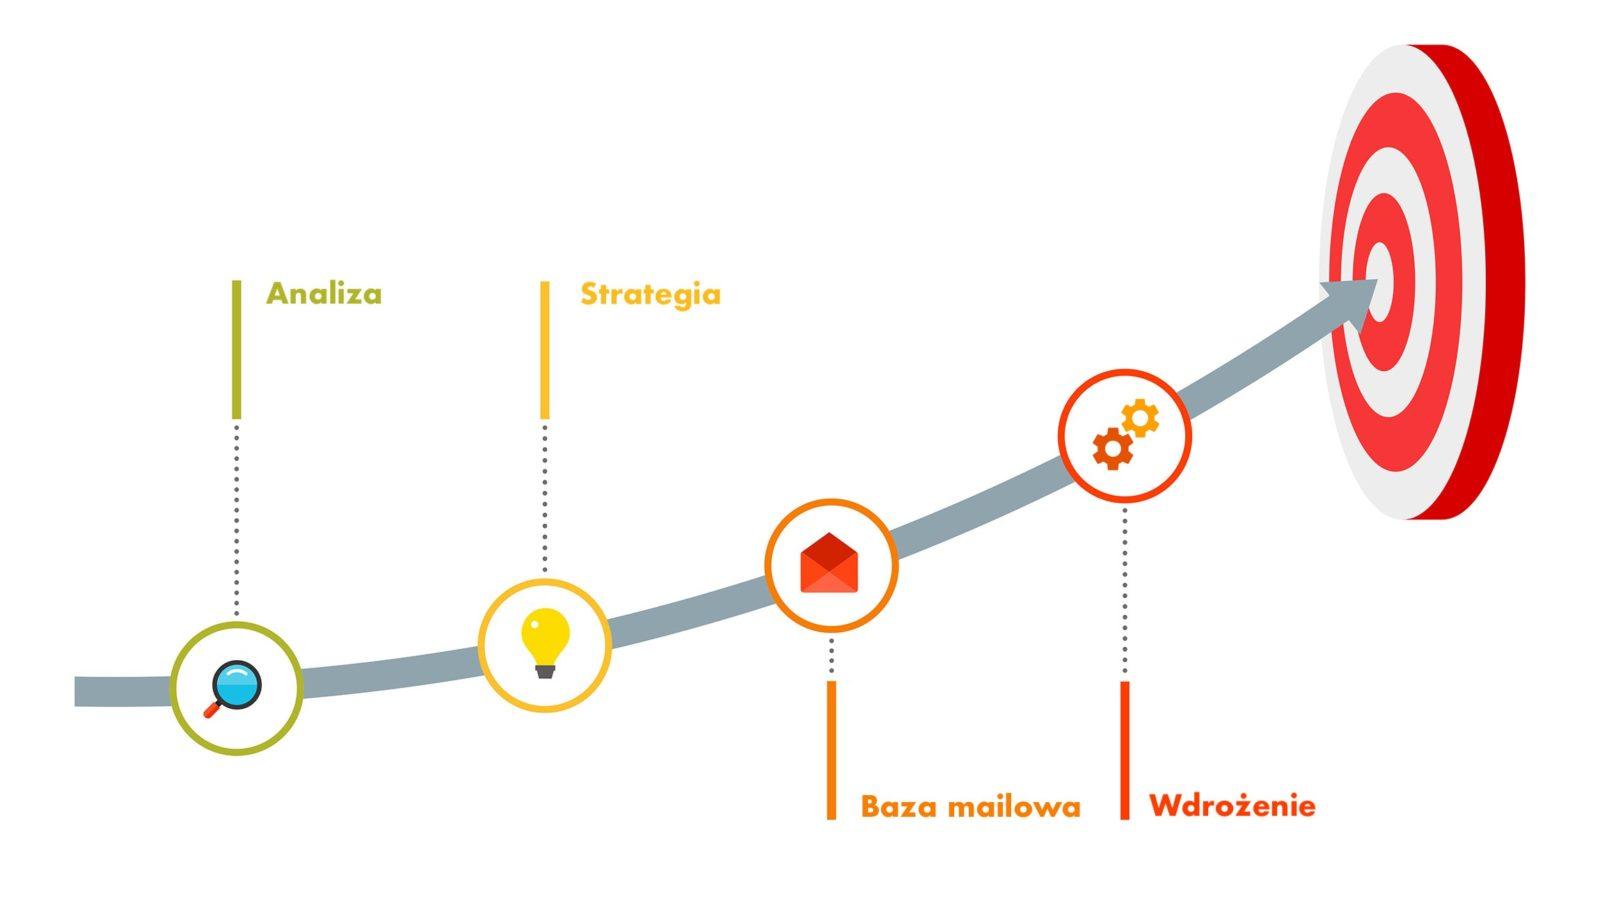 Prowadzenie fanpage i budowa bazy mailingowej [case study]